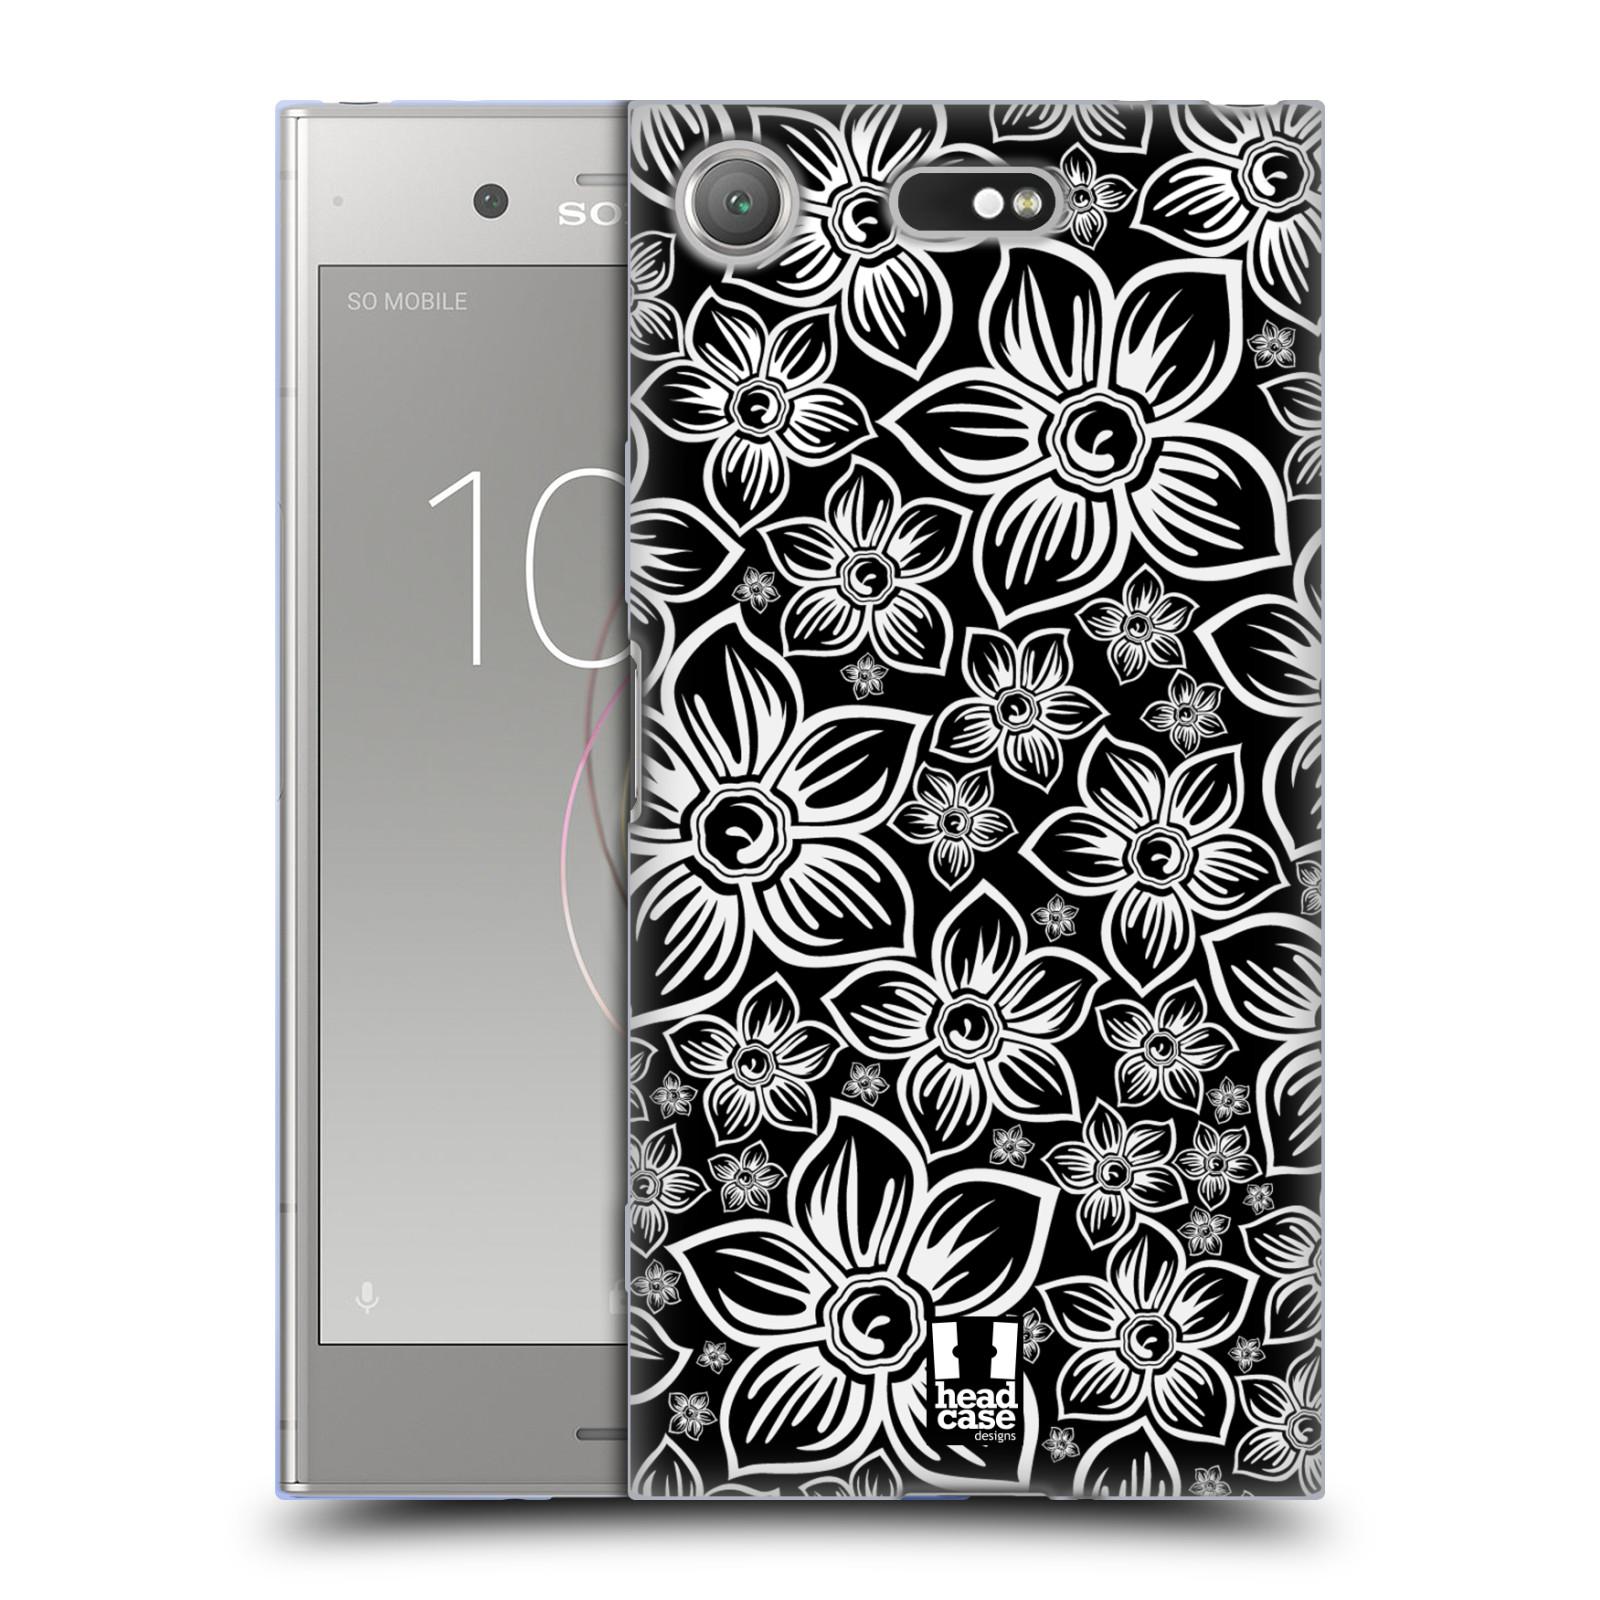 Silikonové pouzdro na mobil Sony Xperia XZ1 Compact - Head Case - FLORAL DAISY